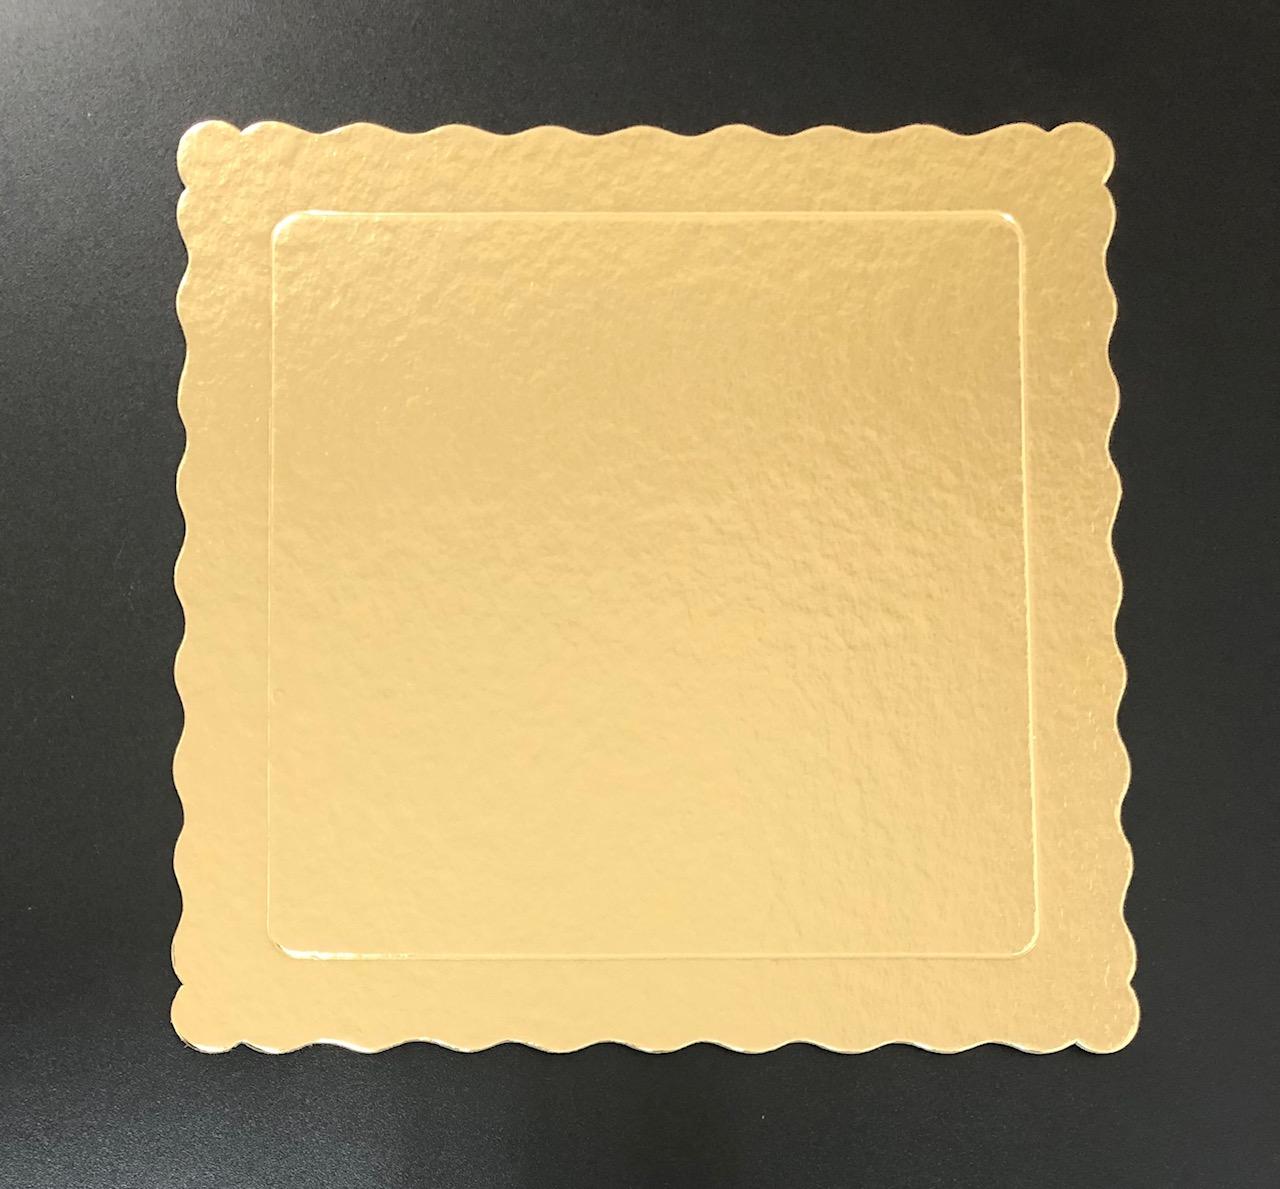 100 Bases Laminadas Para Bolo Quadrado, Cake Board 25x25cm - Ouro